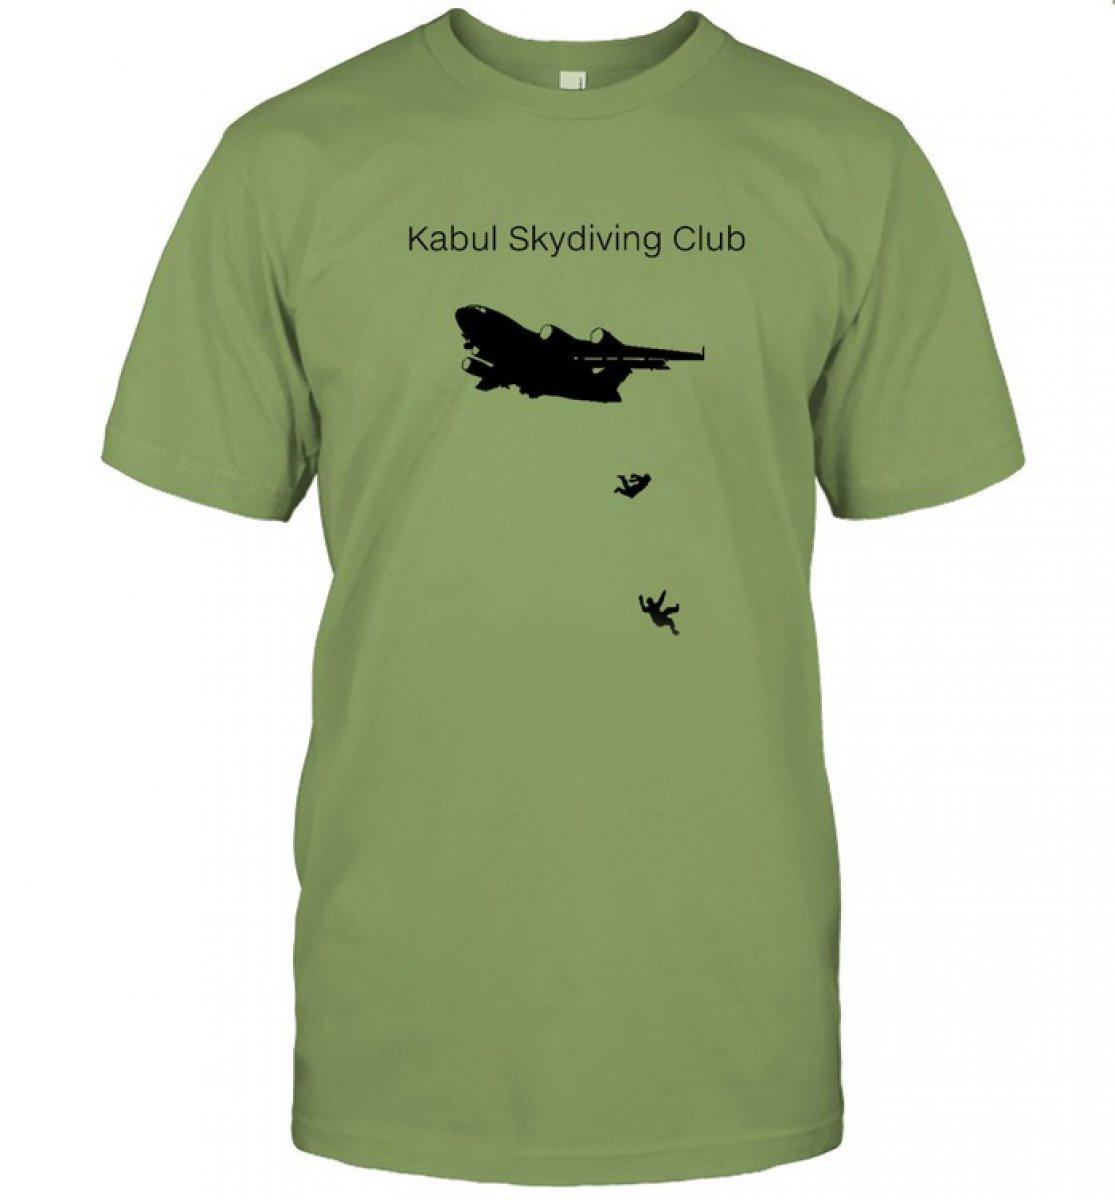 Afganistan da uçaktan düşen insanların resmedildiği tişörtler ABD de satışta #2